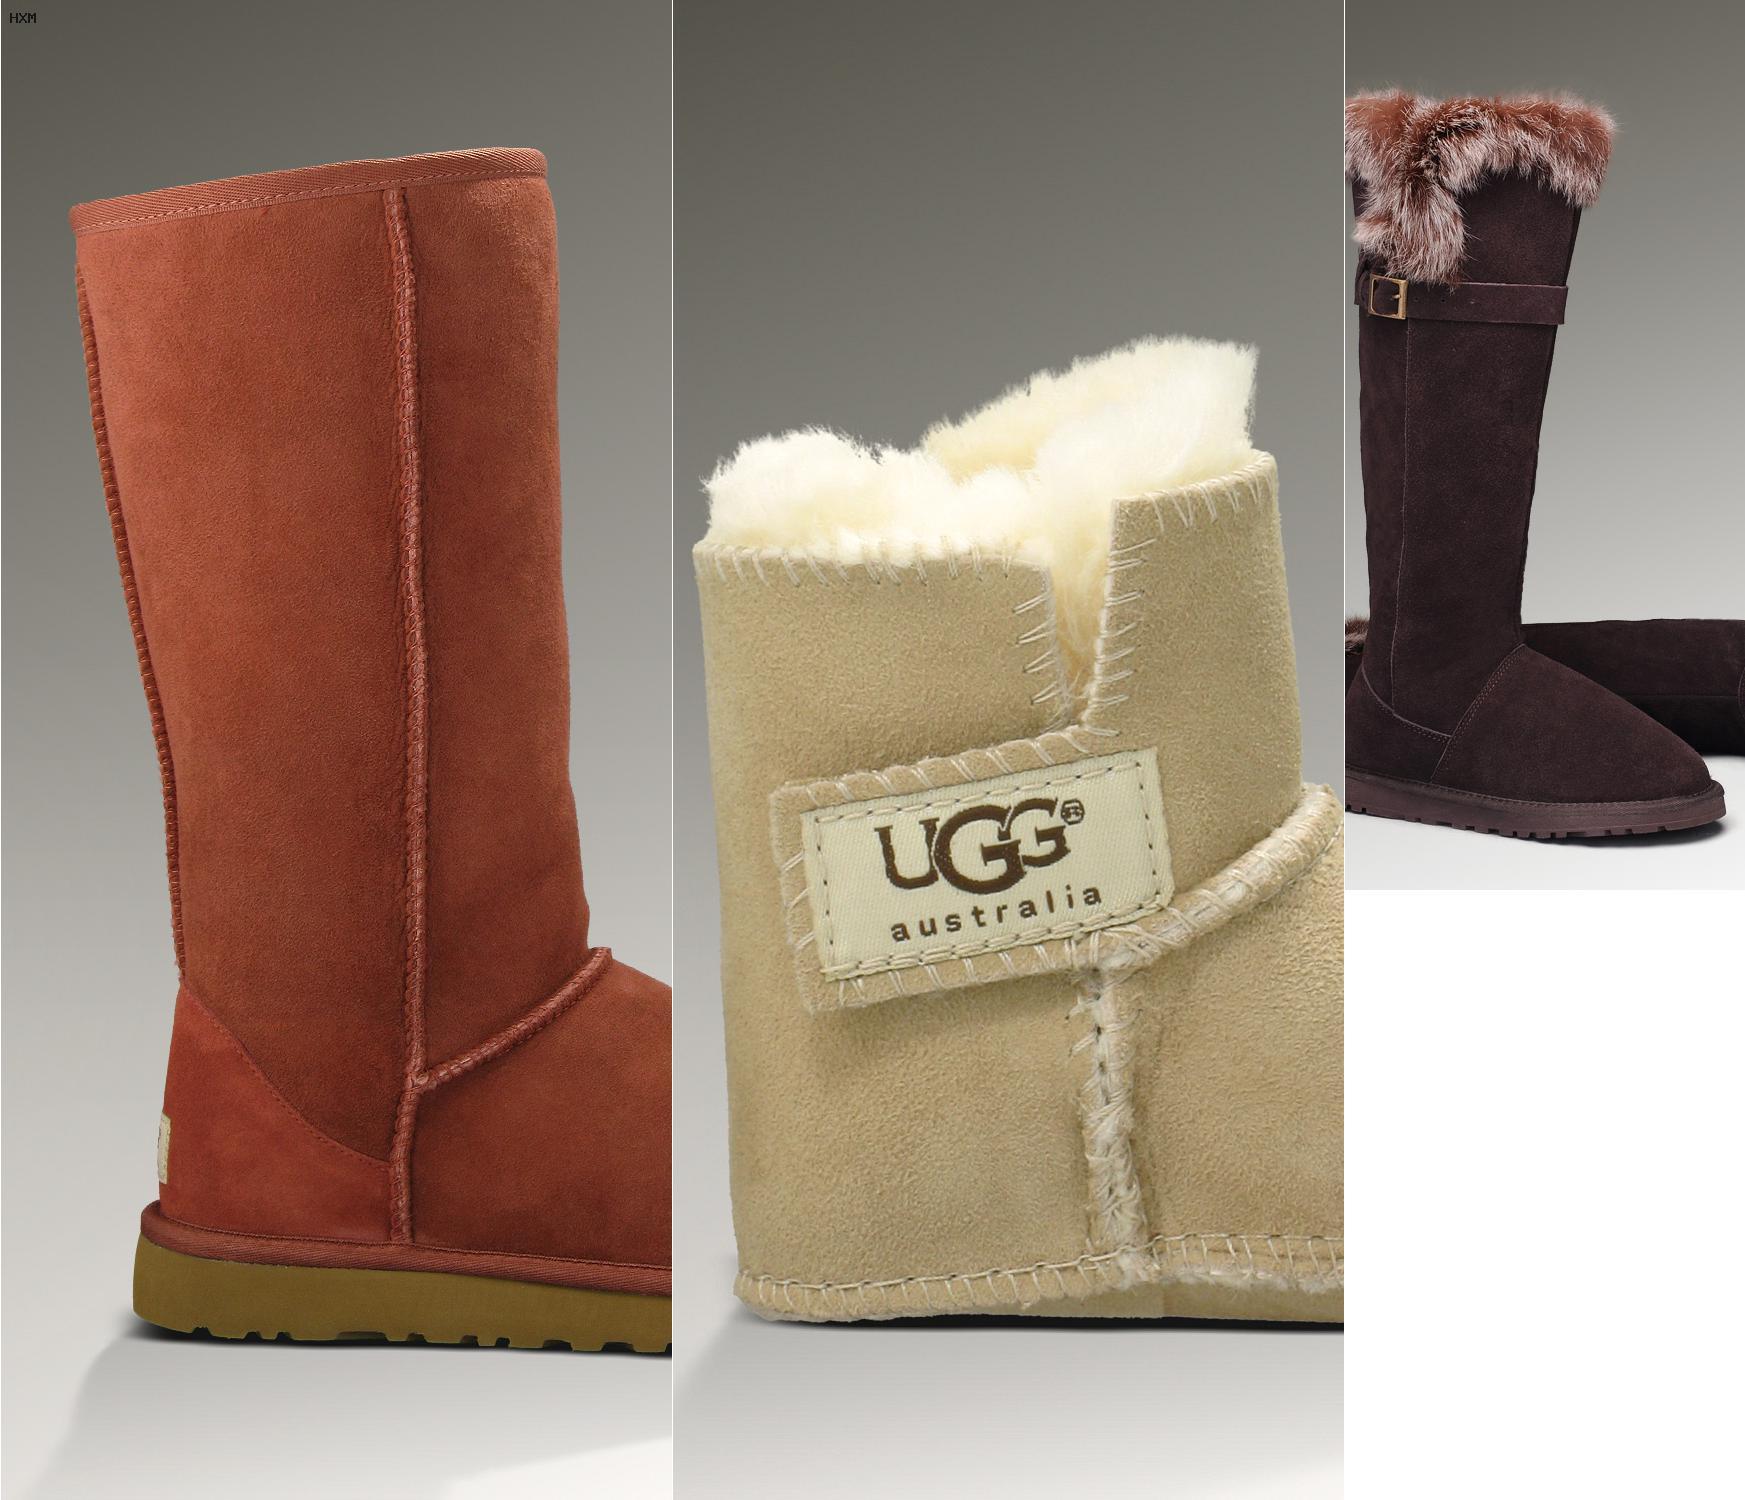 comprar ugg boots en españa